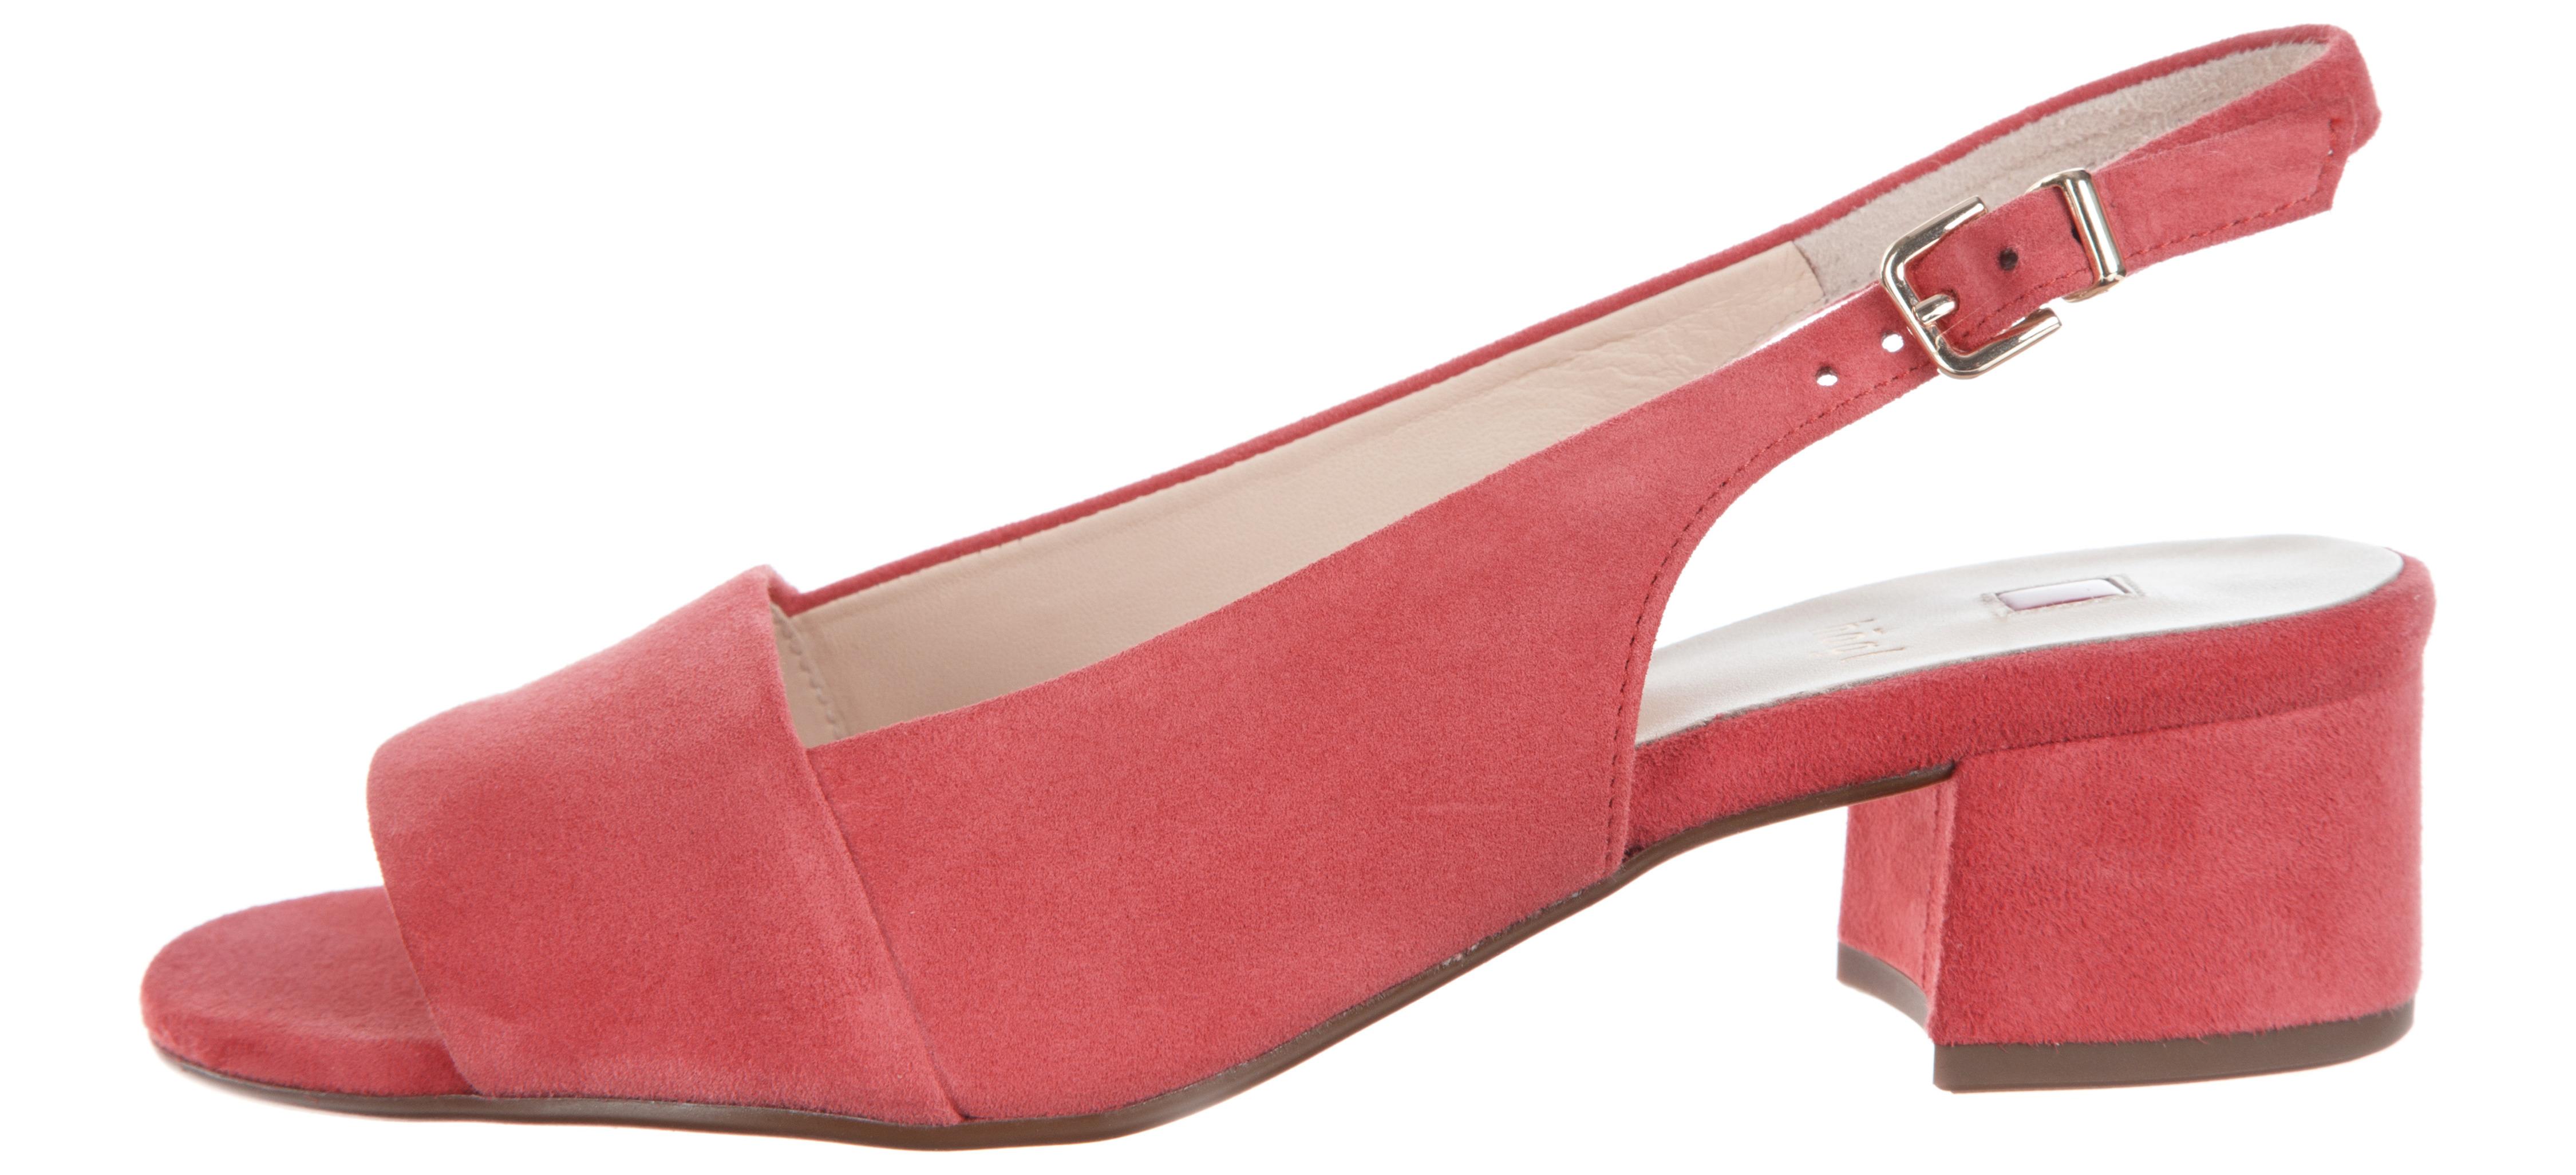 ... Női Högl Magassarkú cipő Piros Rózsaszín. -10% -33% 1068e4ea31